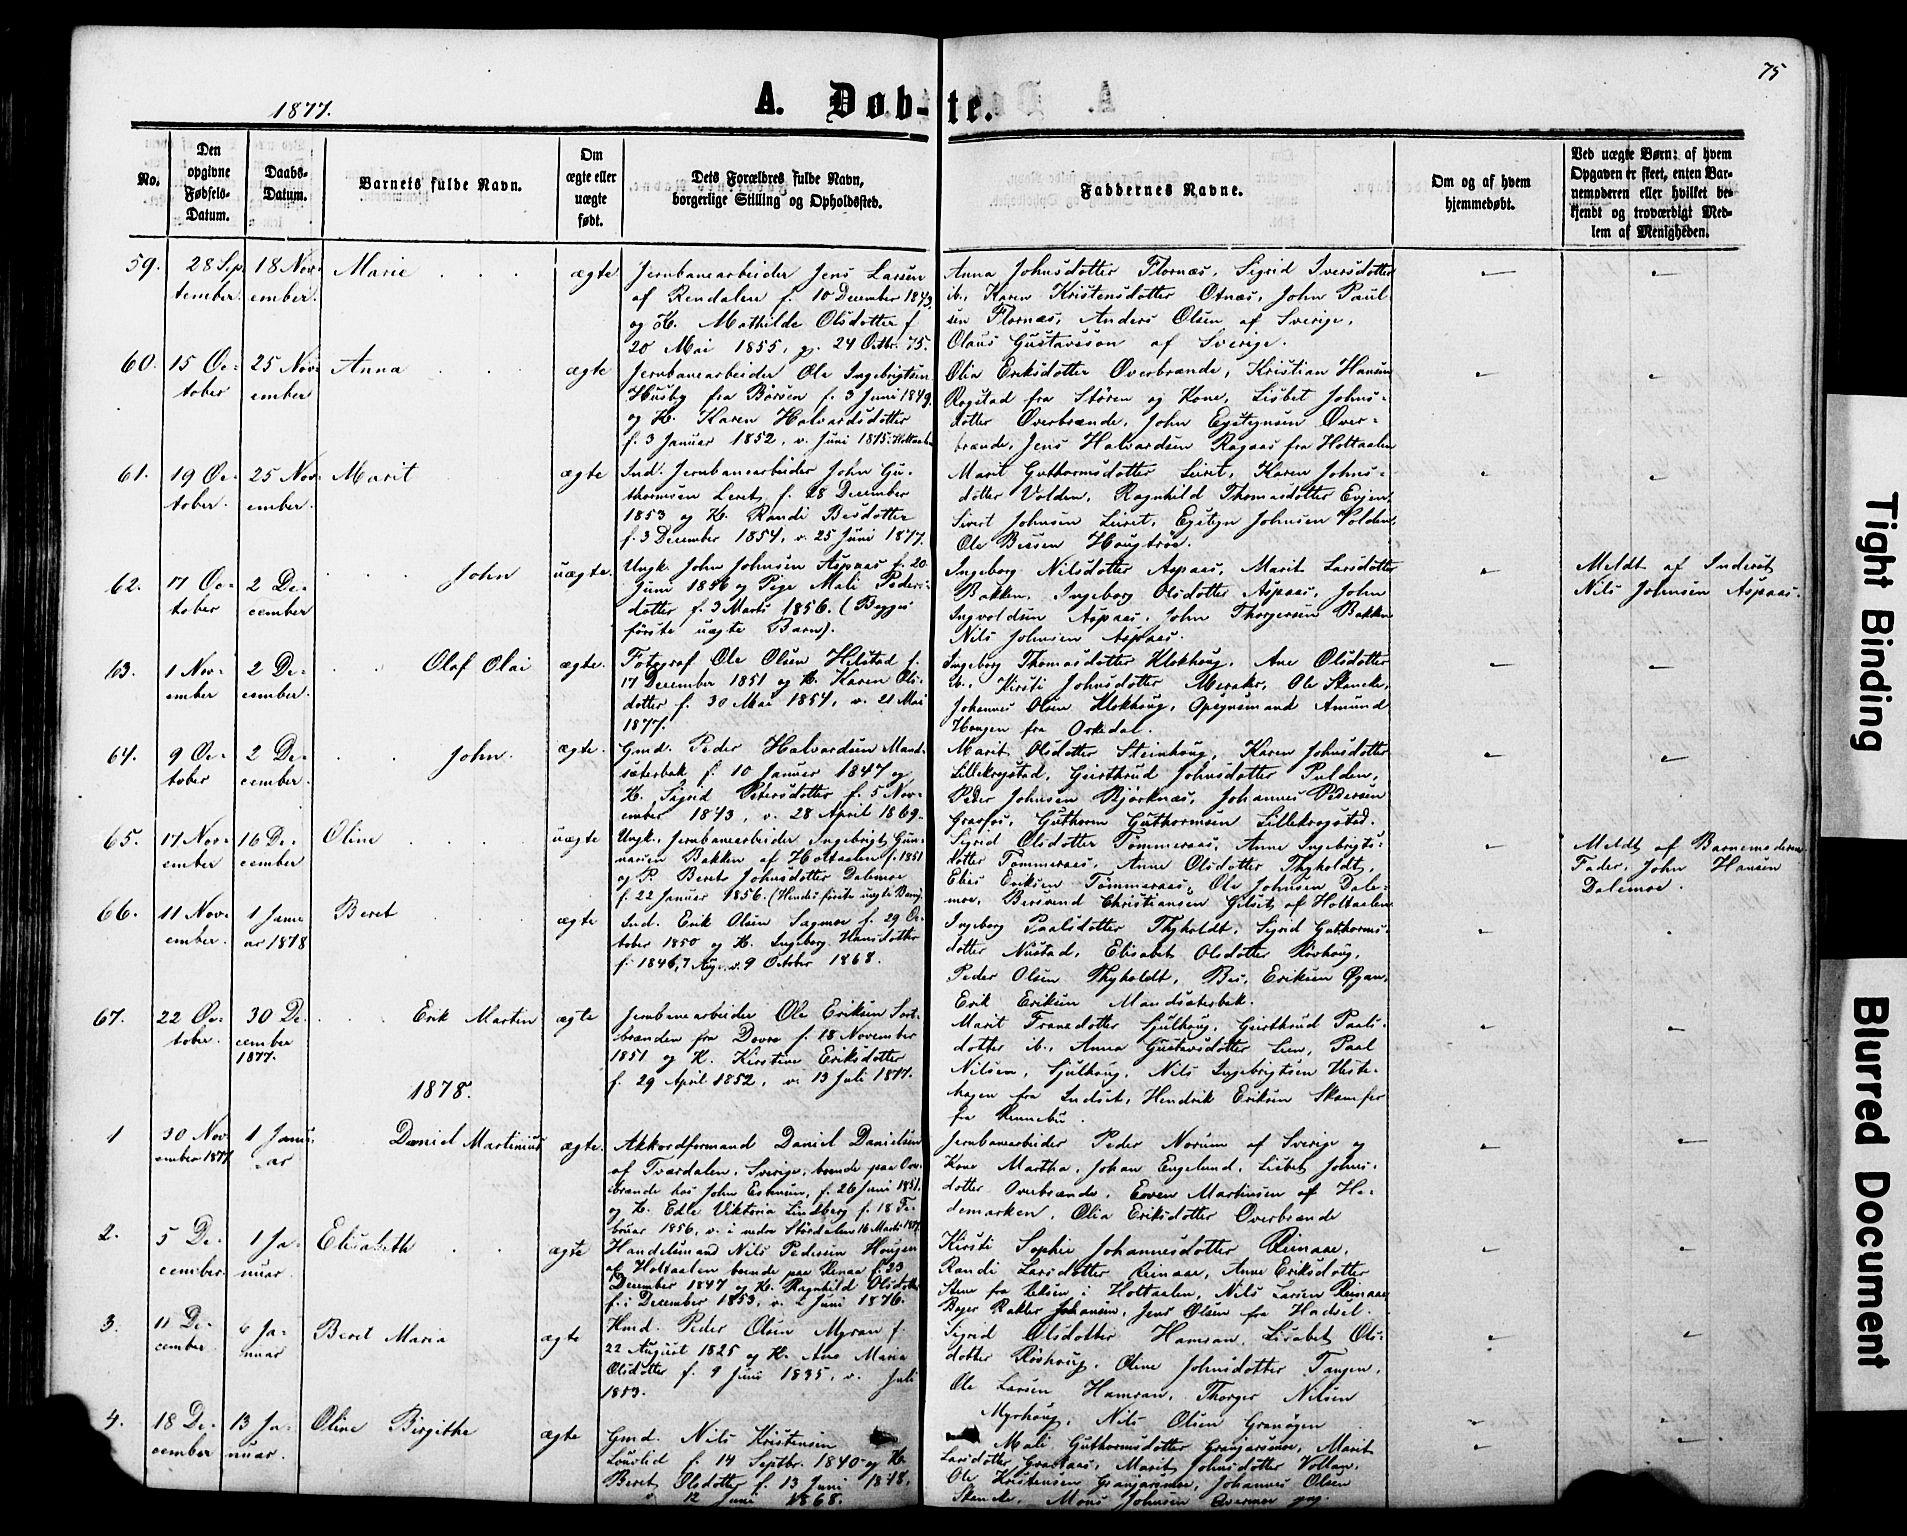 SAT, Ministerialprotokoller, klokkerbøker og fødselsregistre - Nord-Trøndelag, 706/L0049: Klokkerbok nr. 706C01, 1864-1895, s. 75